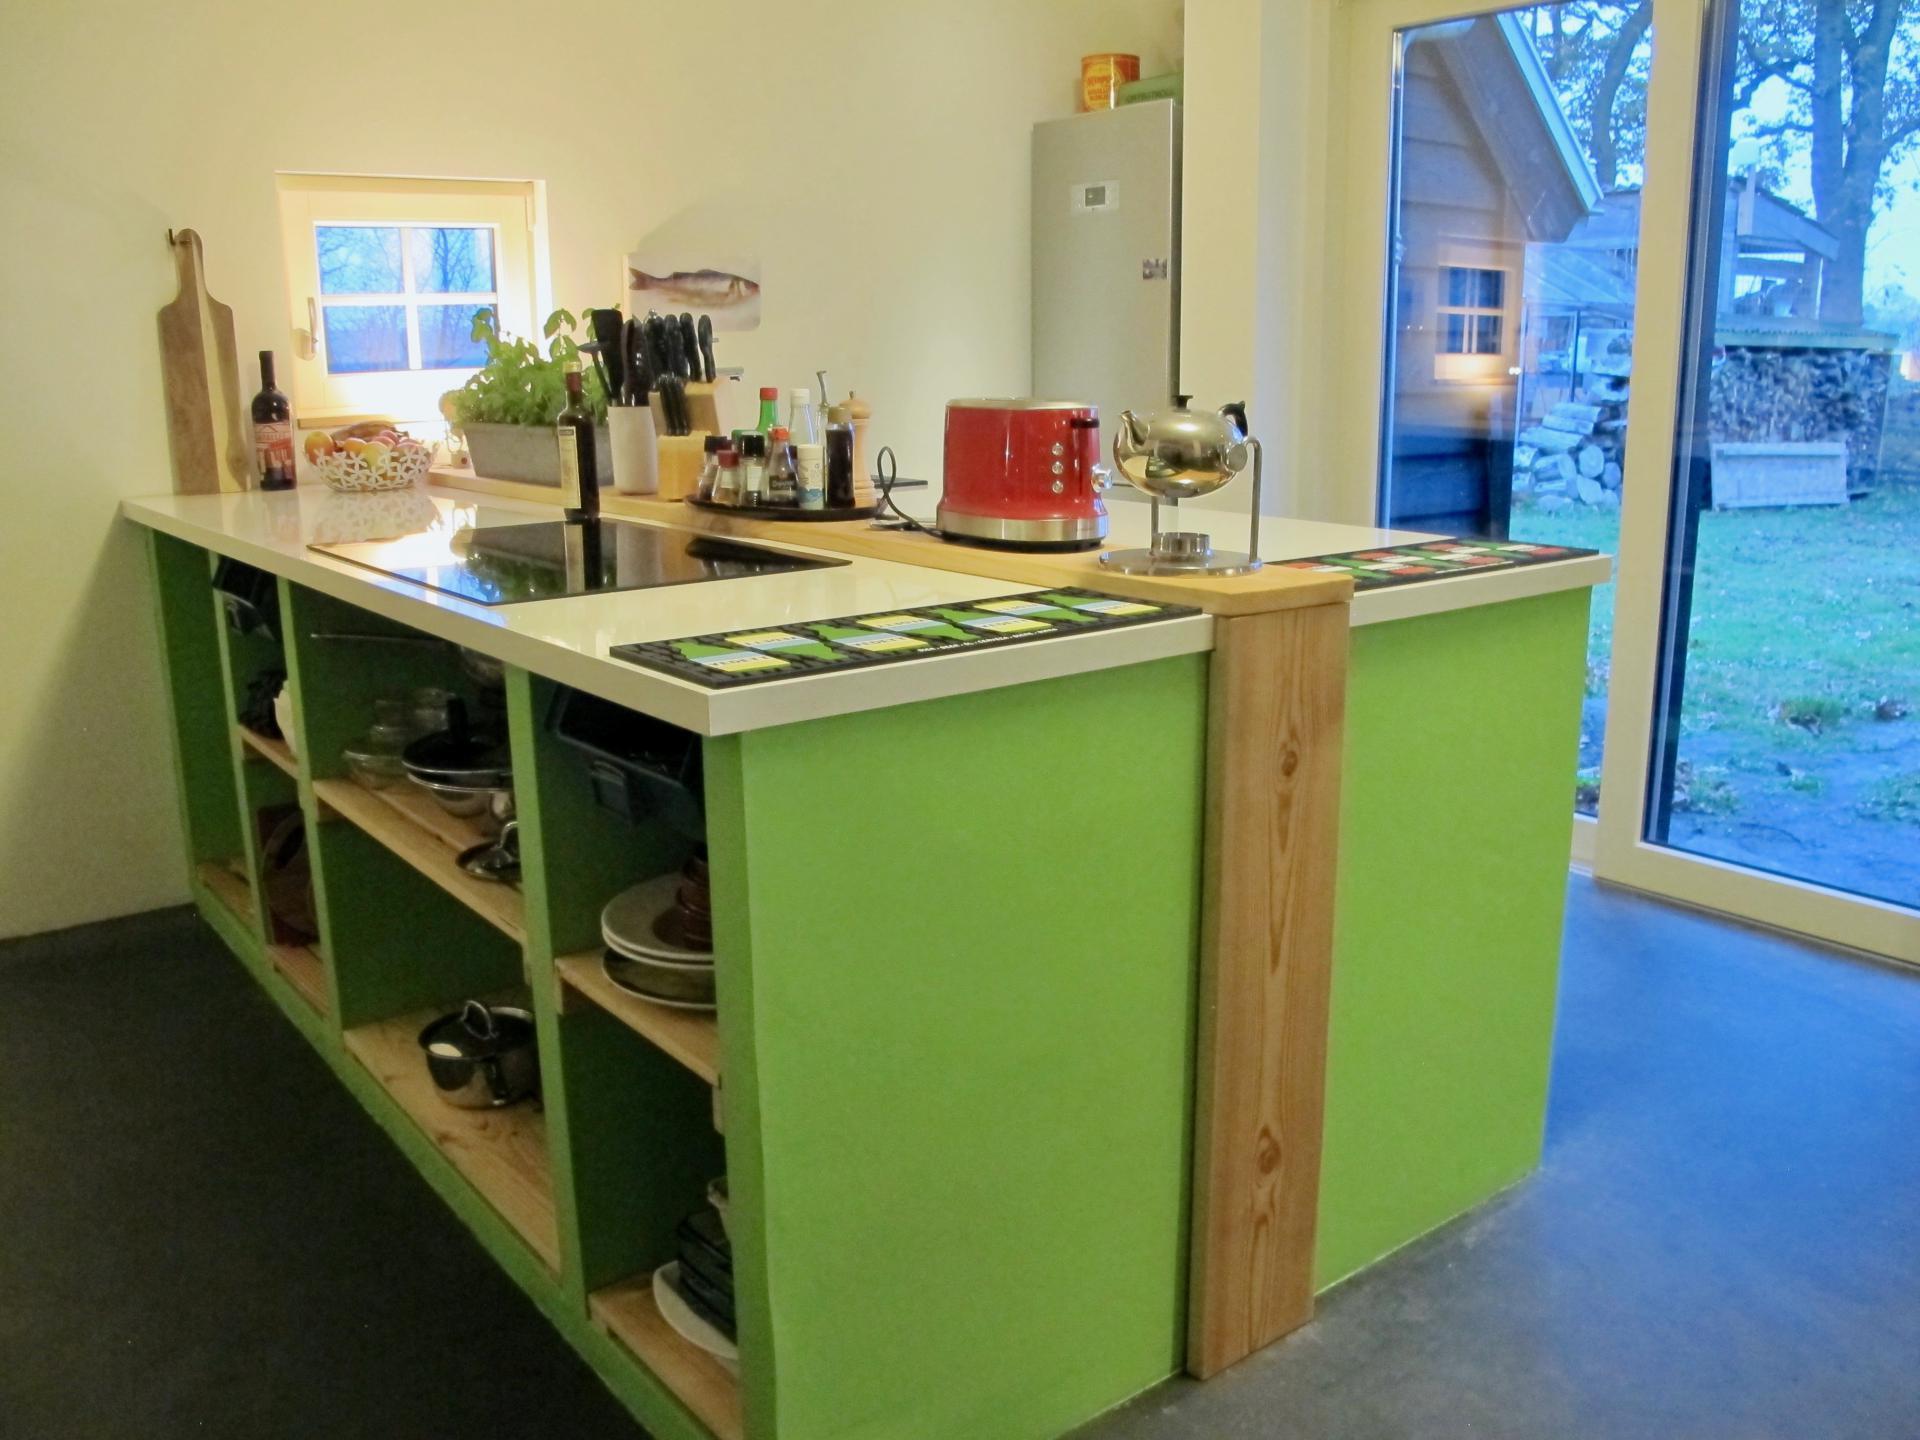 Keuken groepsaccommodatie bij de boefjes